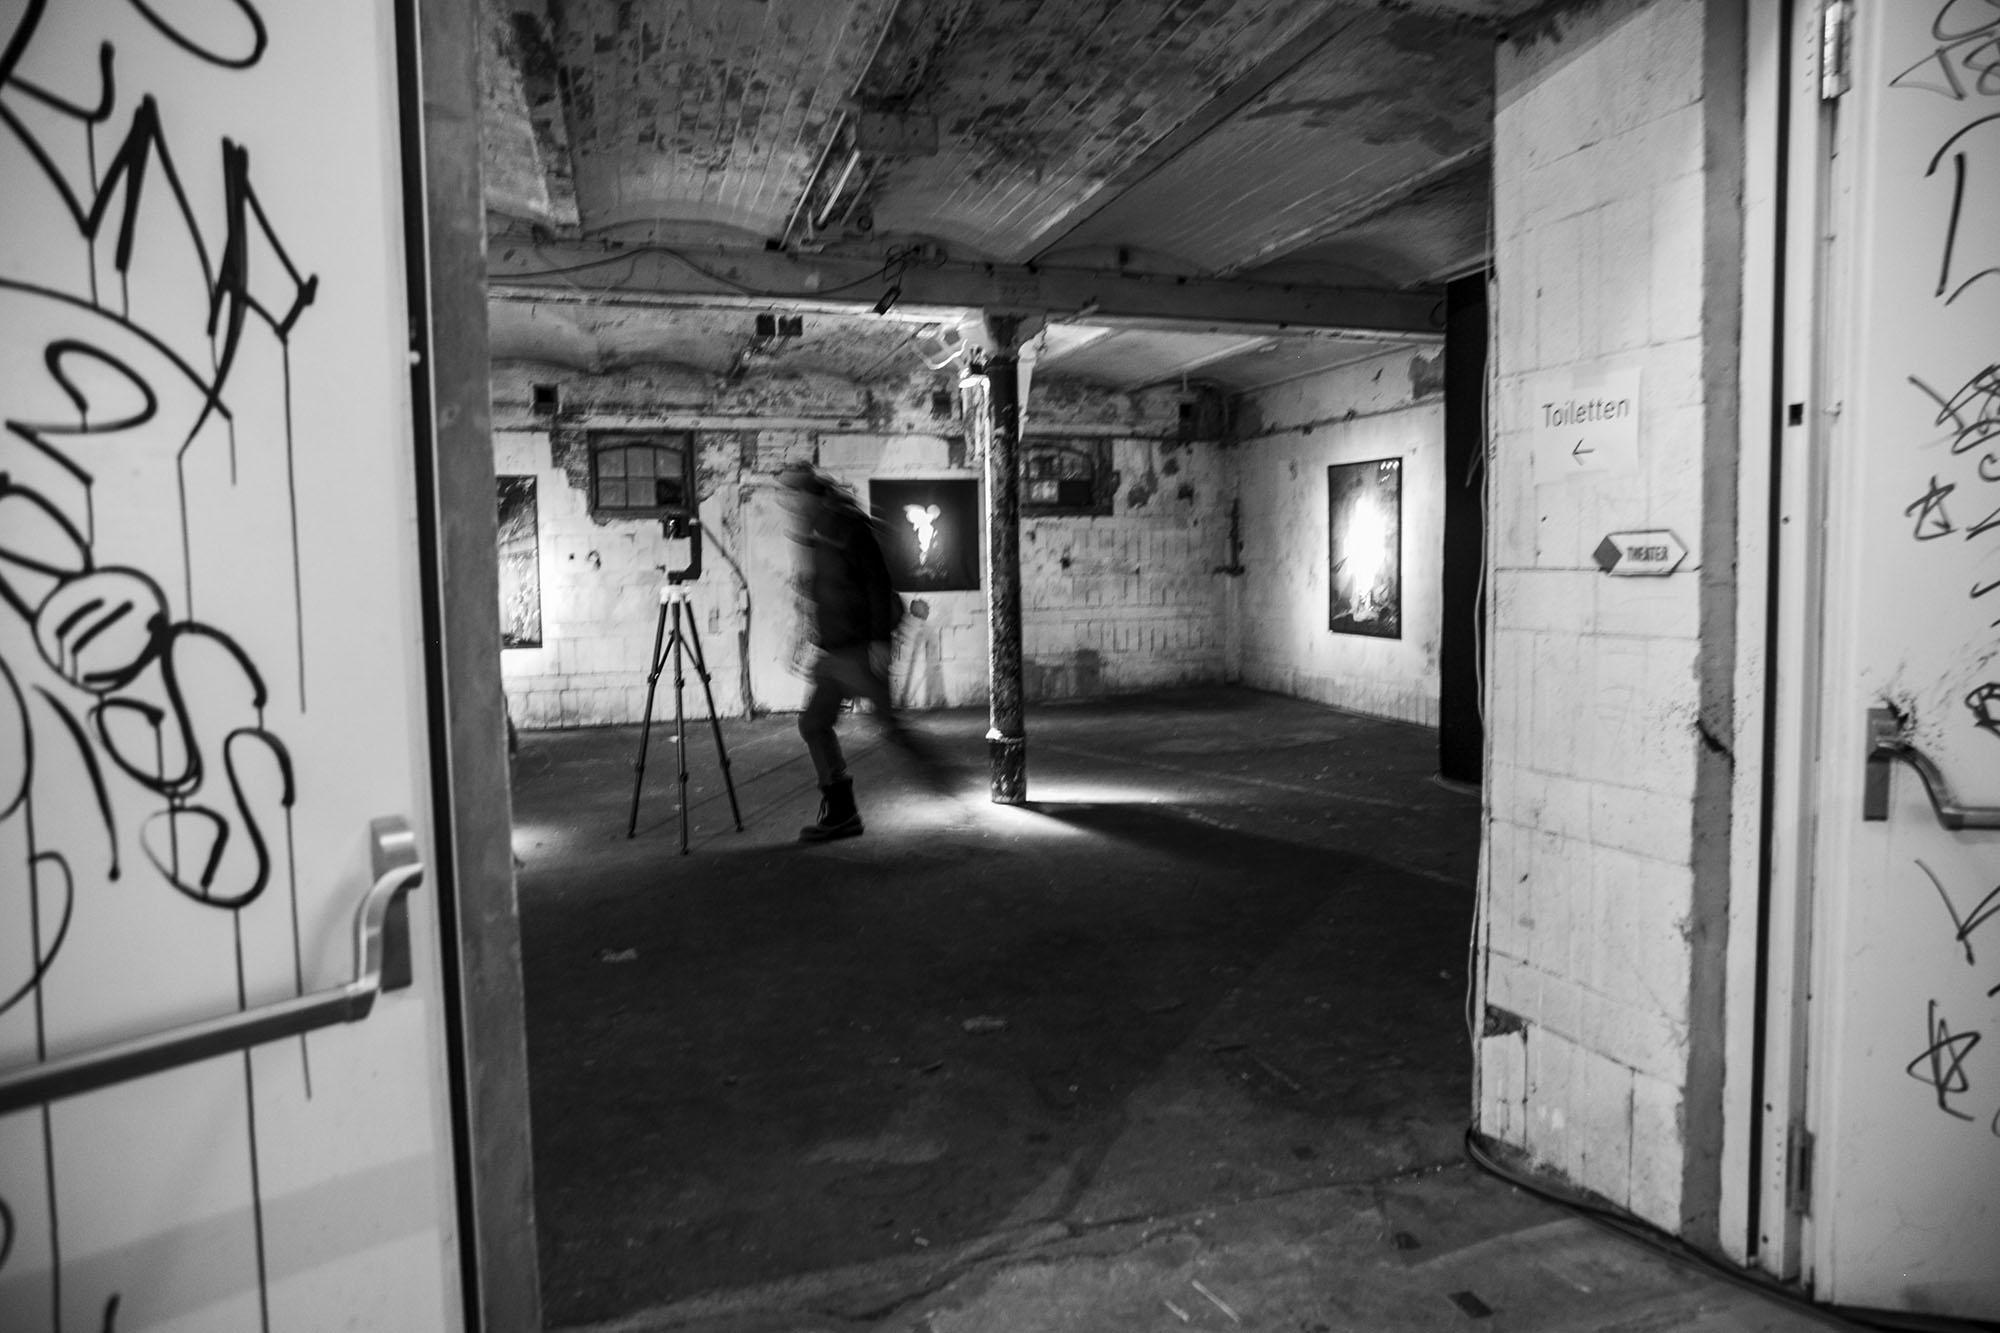 LOST - 48 hr art festival | Berlin, Germany